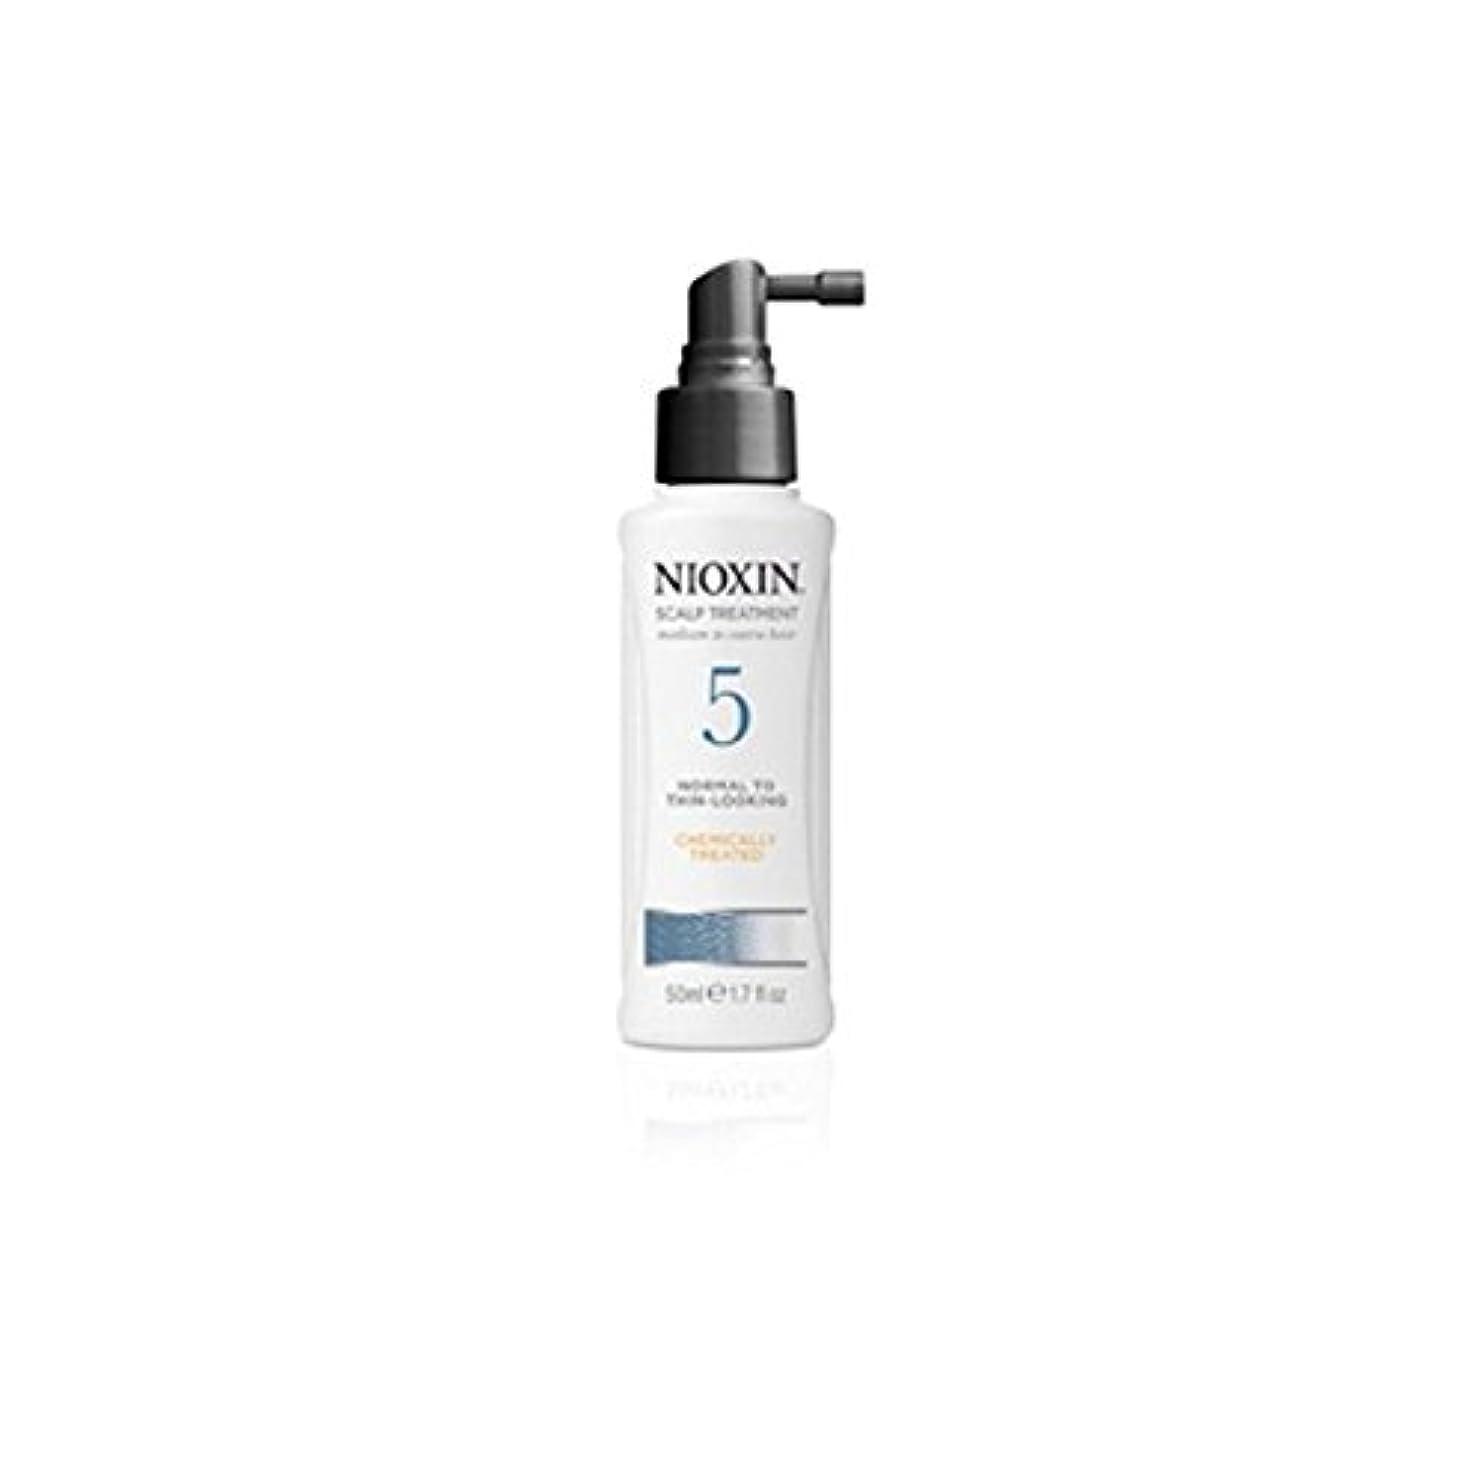 チューブ自伝事前にNioxin System 5 Scalp Treatment For Medium To Coarse, Normal To Thin Looking, Natural And Chemically Treated Hair...